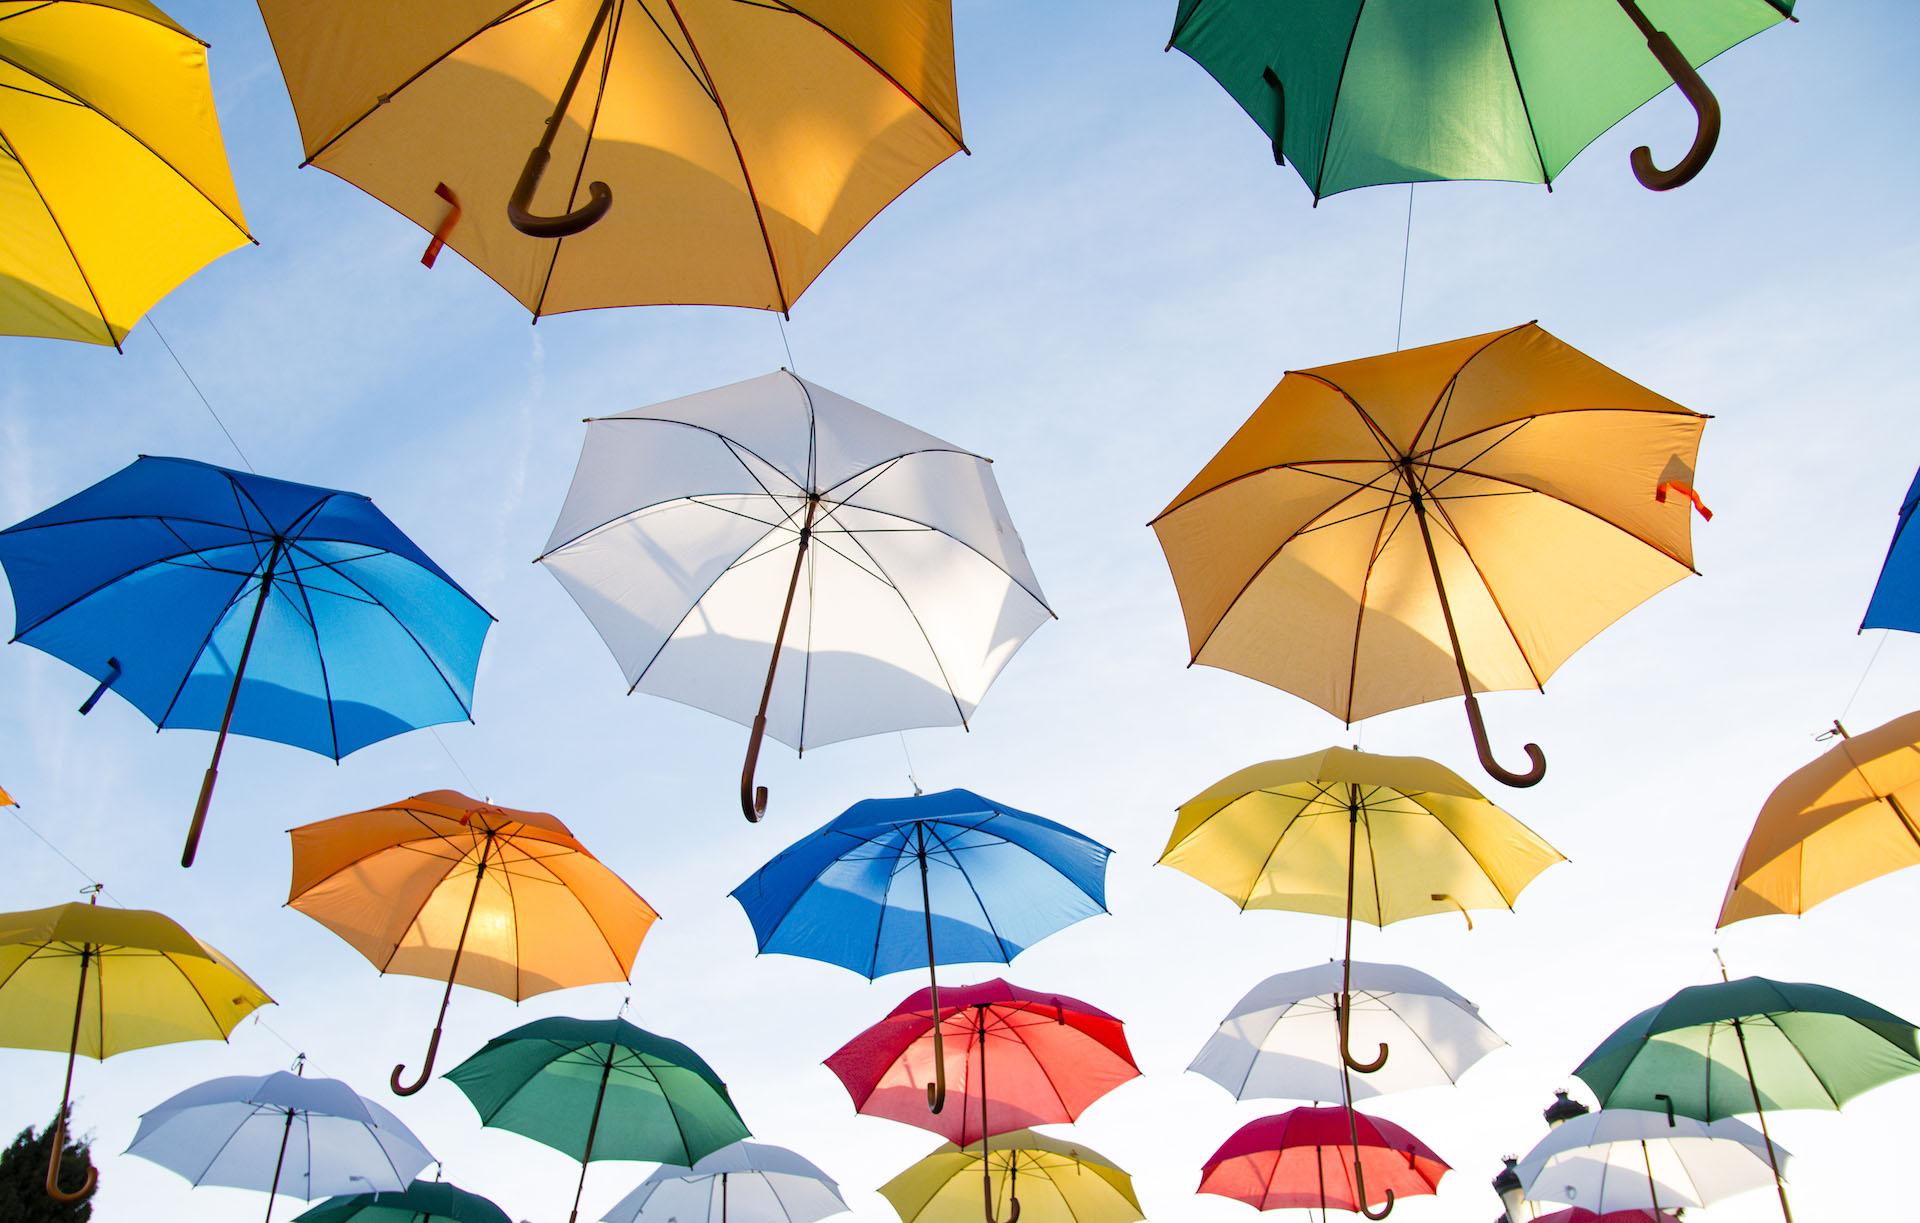 雨伞, 颜色, 天空, 飞, 艺术 - 高清壁纸 - 教授-falken.com